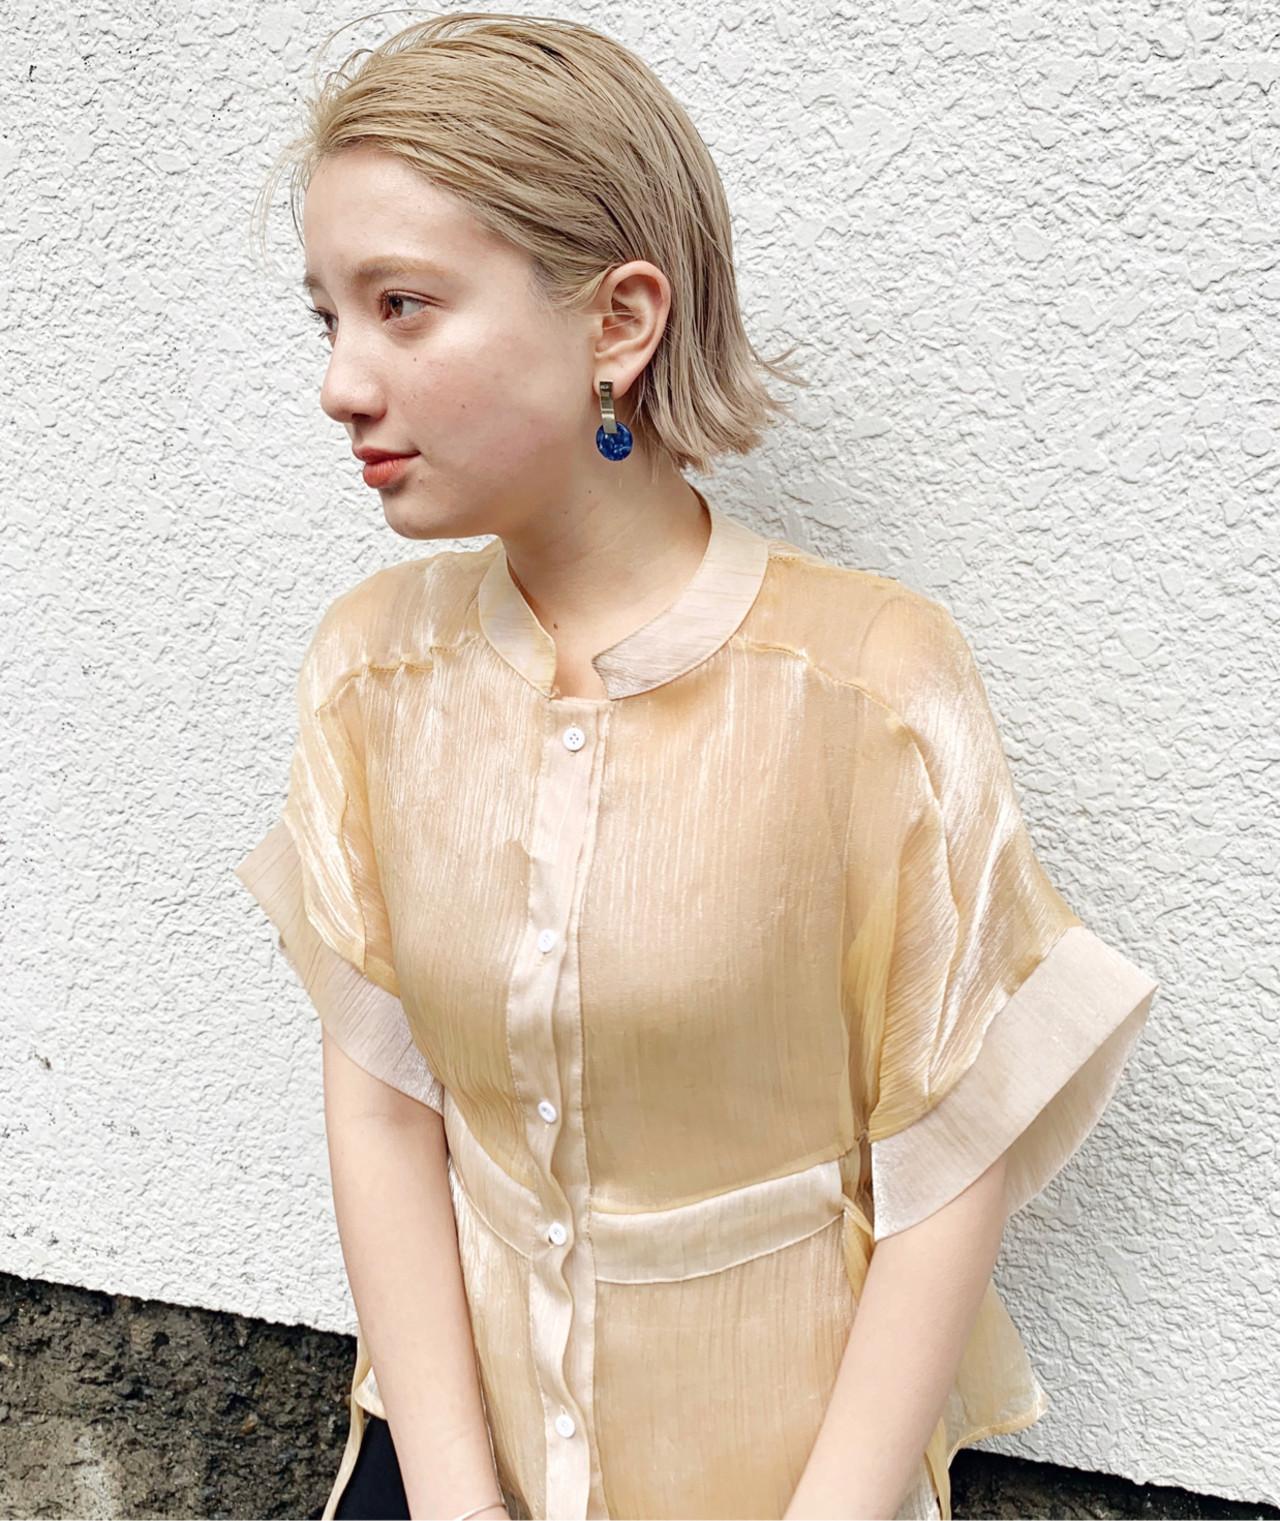 アウトドア ヘアアレンジ フェミニン スポーツ ヘアスタイルや髪型の写真・画像